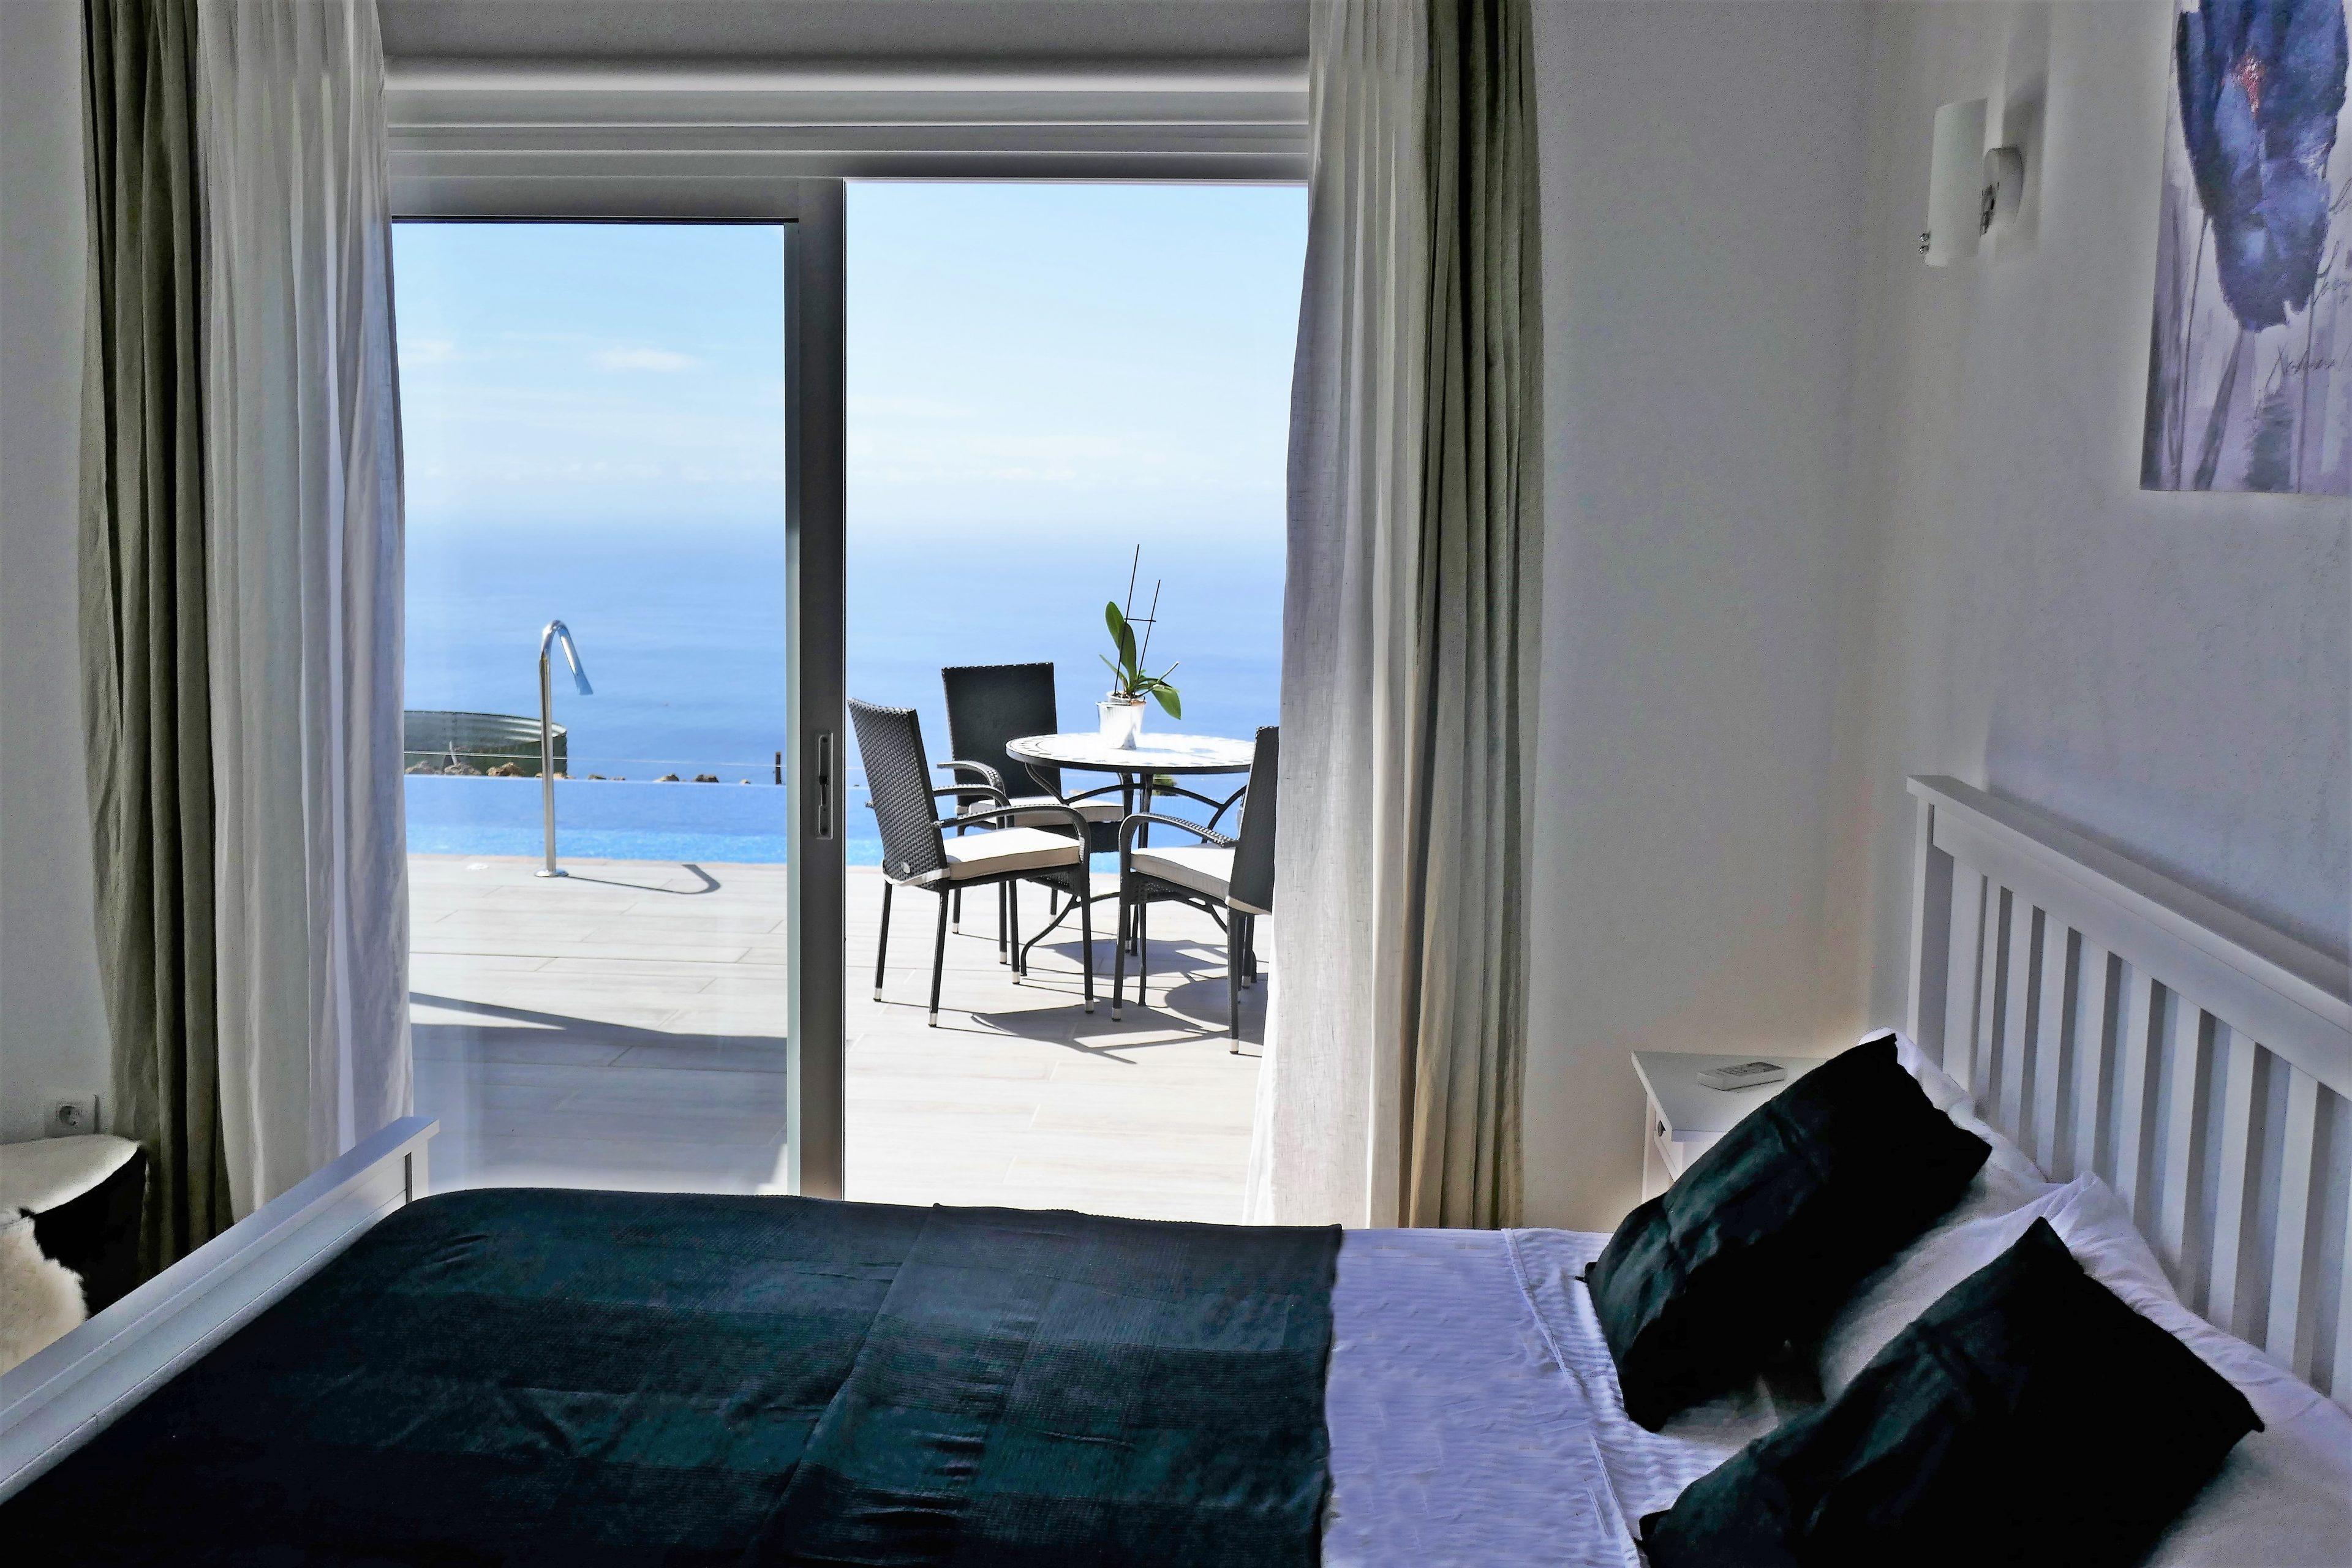 Slaapkamer met oceaanzicht.